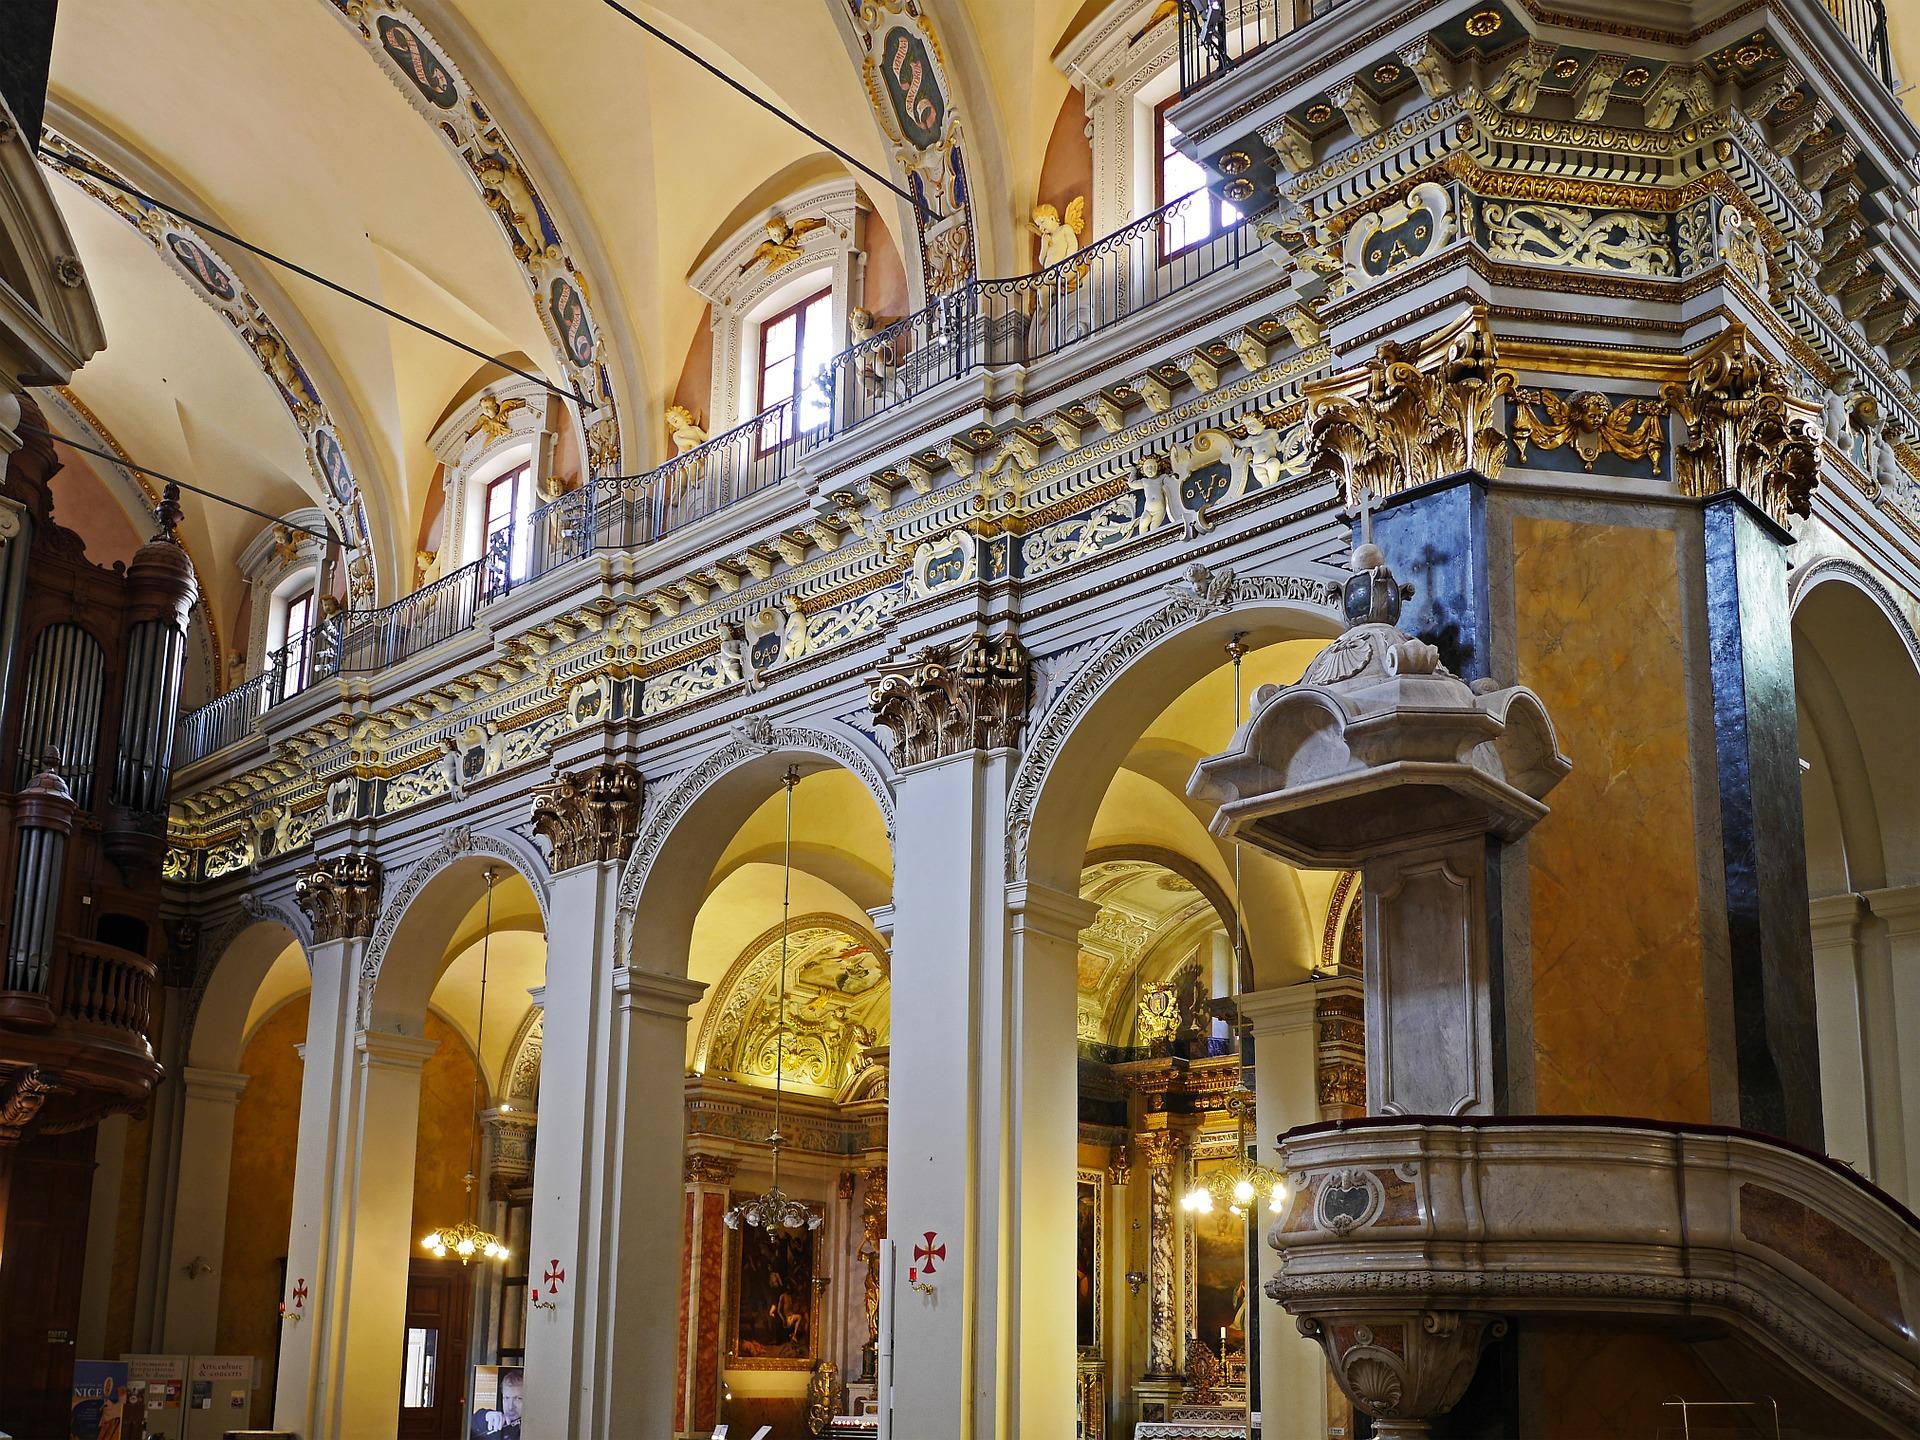 Cattedrale Nizza.jpg